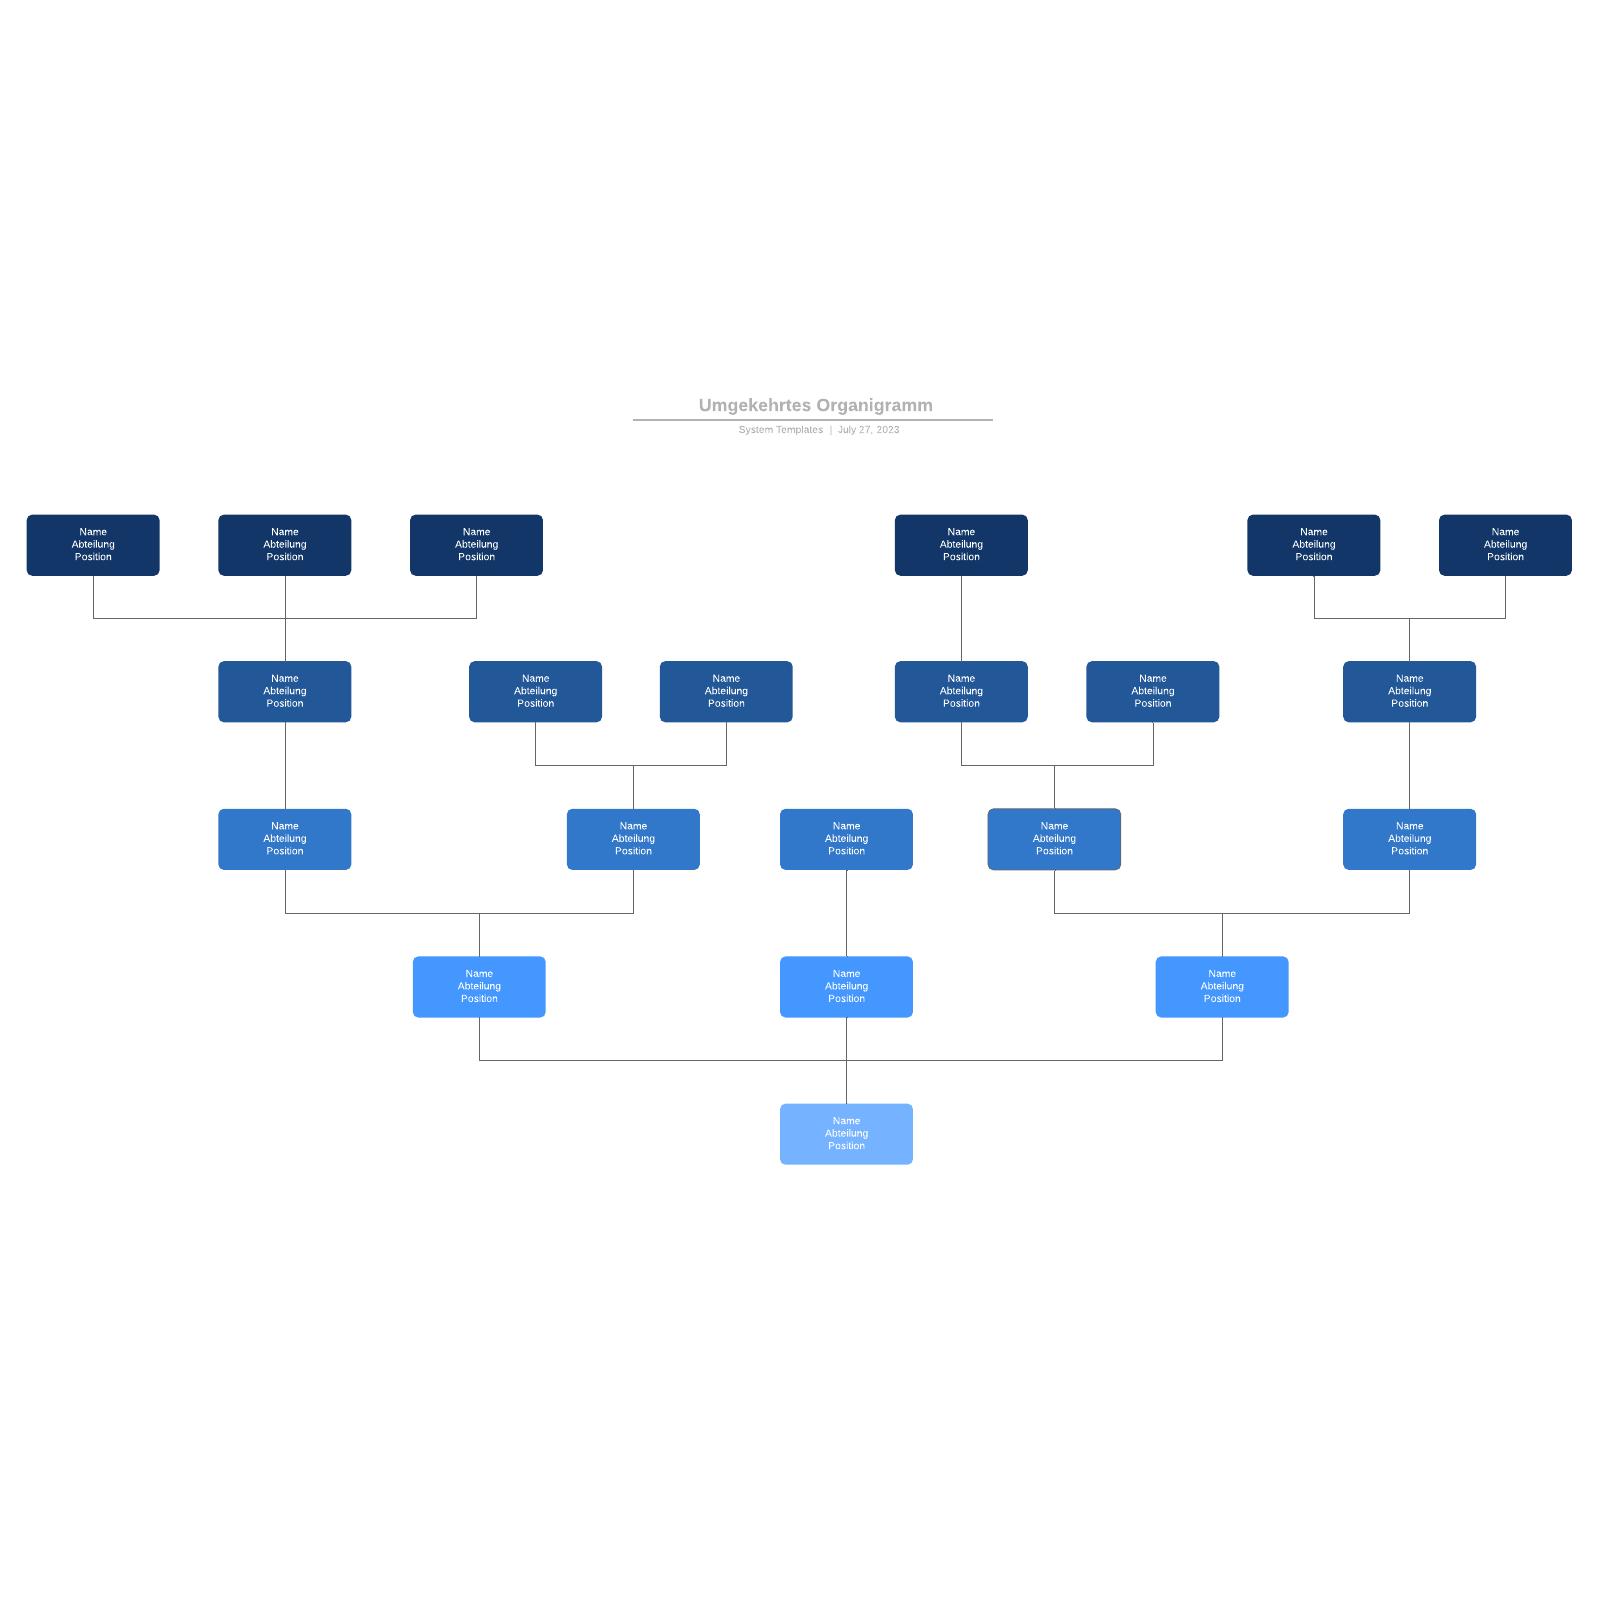 Umgekehrtes Organigramm - Vorlage